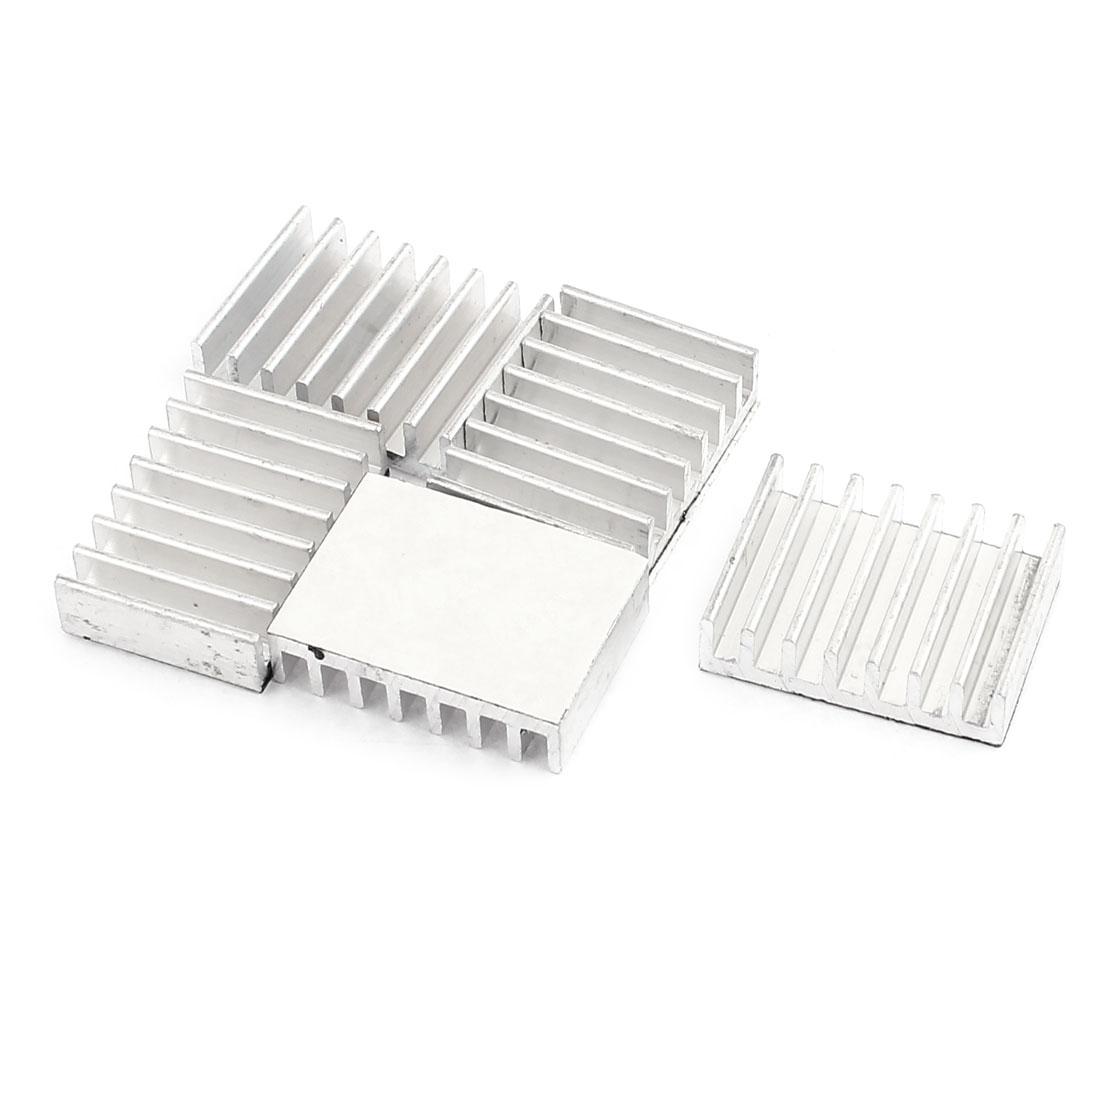 22 x 30 x 8mm Aluminum Heatsink Heat Sink Radiator Cooling Fin Silver Tone x5Pcs